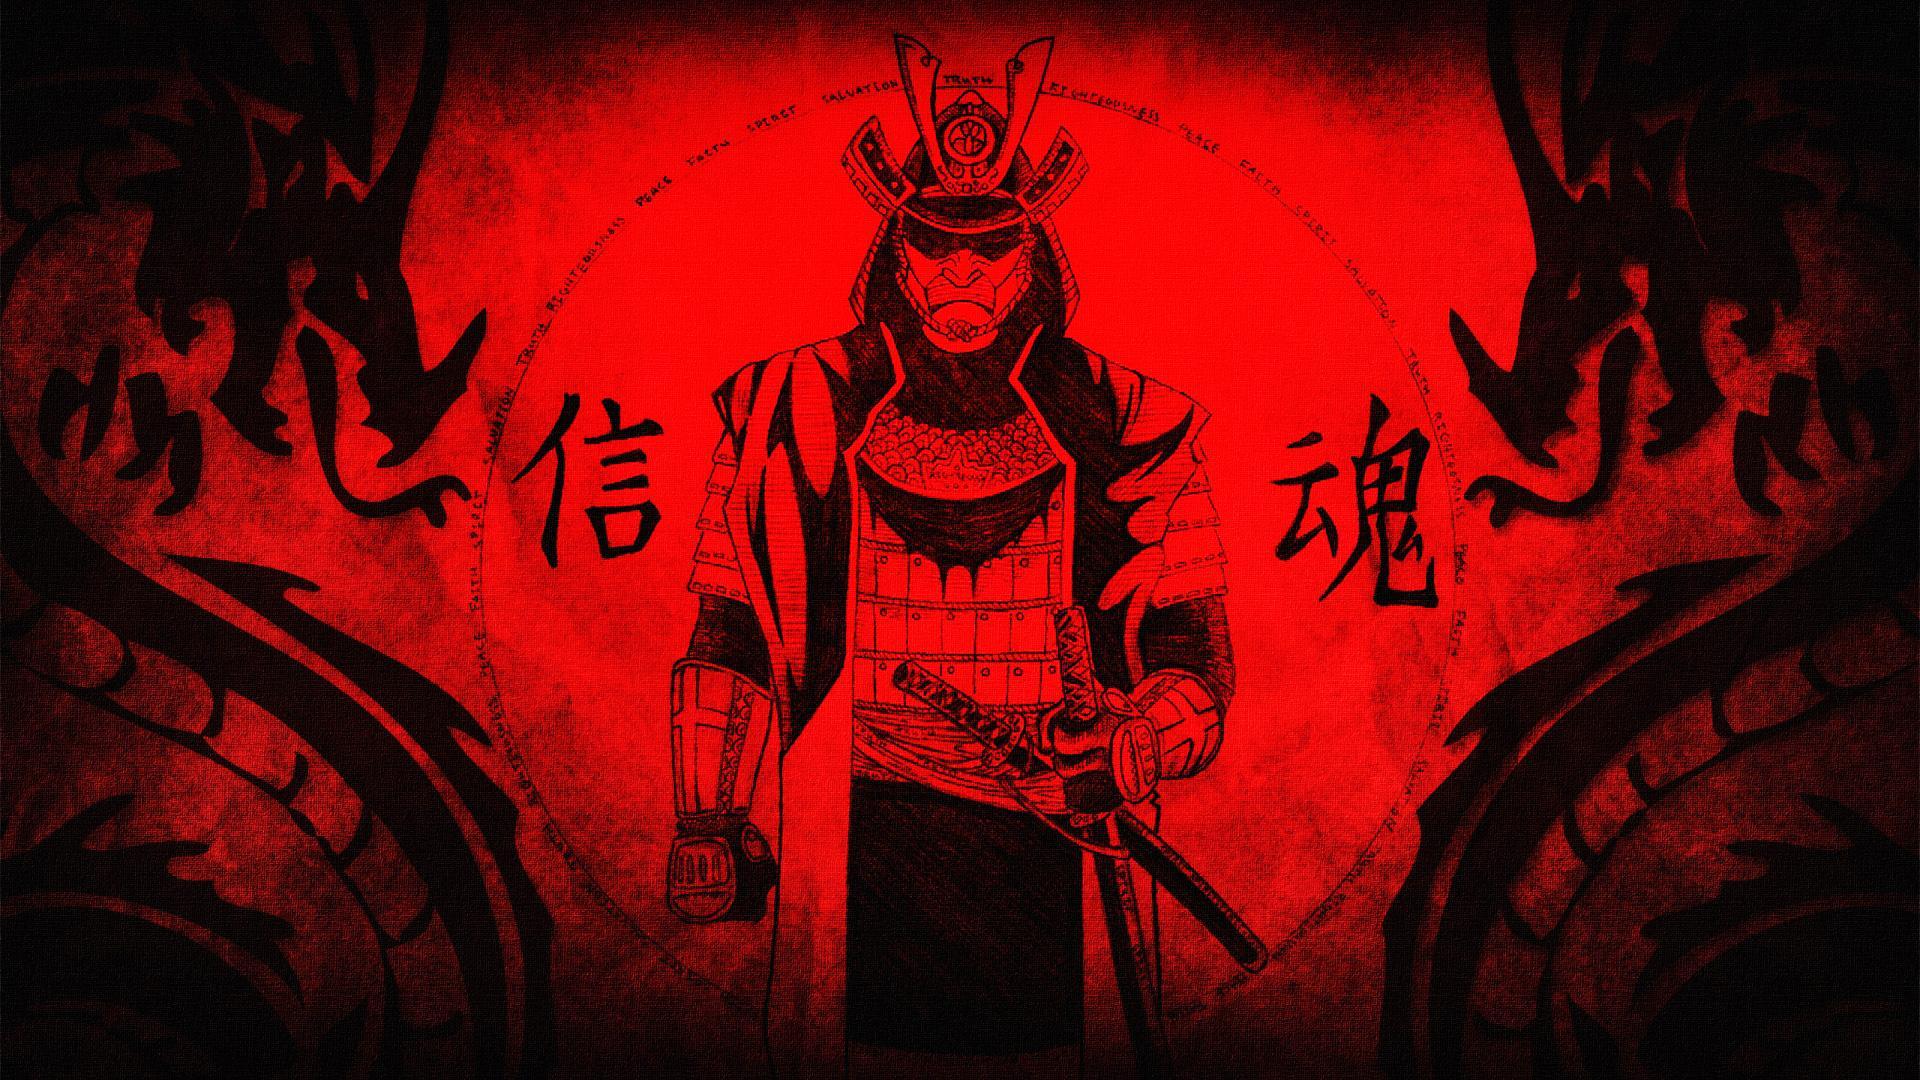 Samurai Wallpaper 8194 1920x1080 px HDWallSourcecom